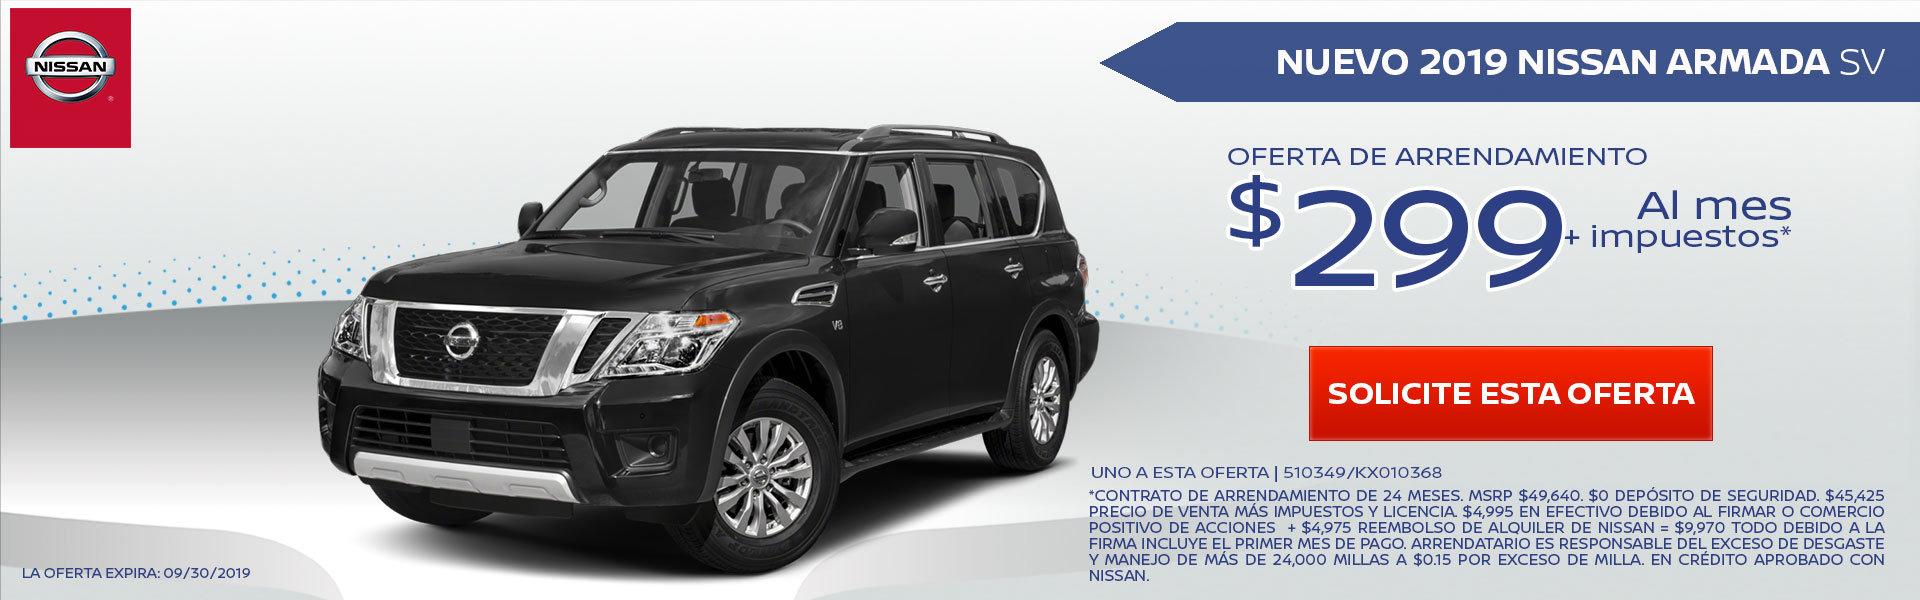 Mire estas nuevas ofertas especiales de alquiler y financiamiento para el flamante Nissan Armada. ¡Pida más información a nuestro concesionario de El Monte!